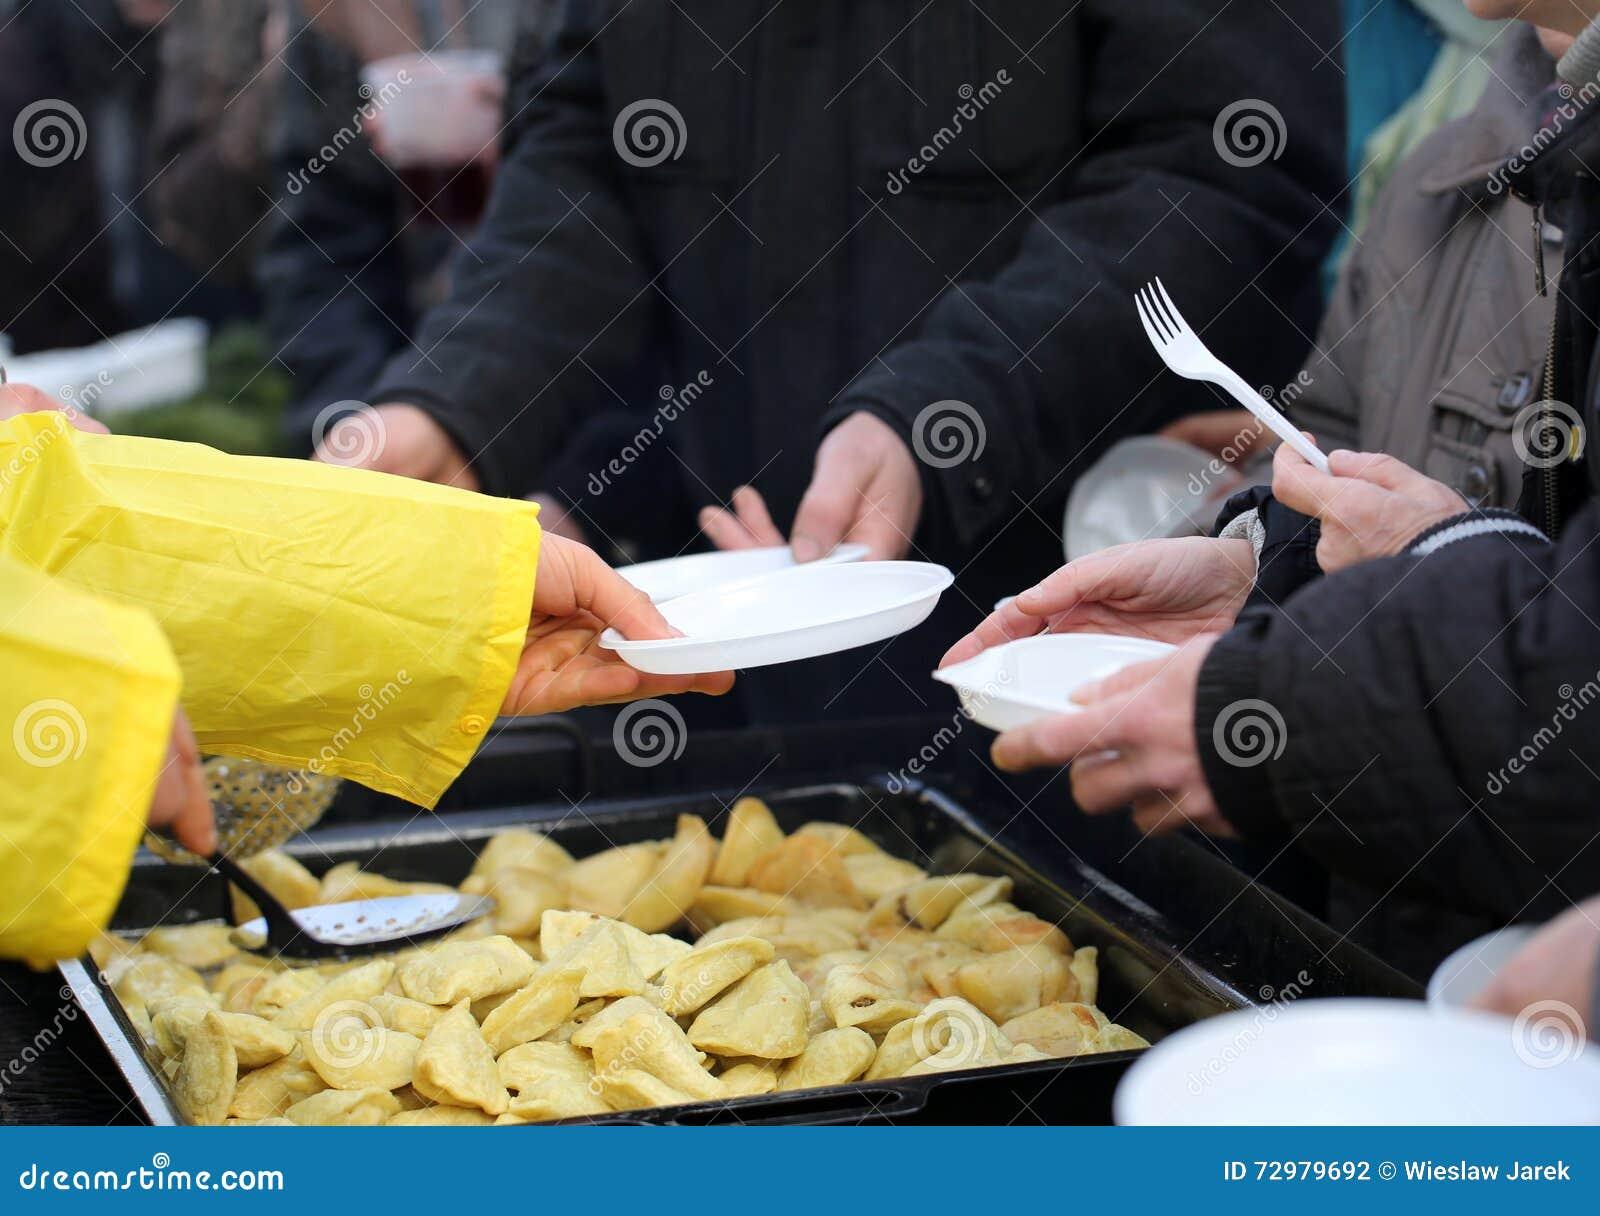 Comida caliente para los pobres y los desamparados